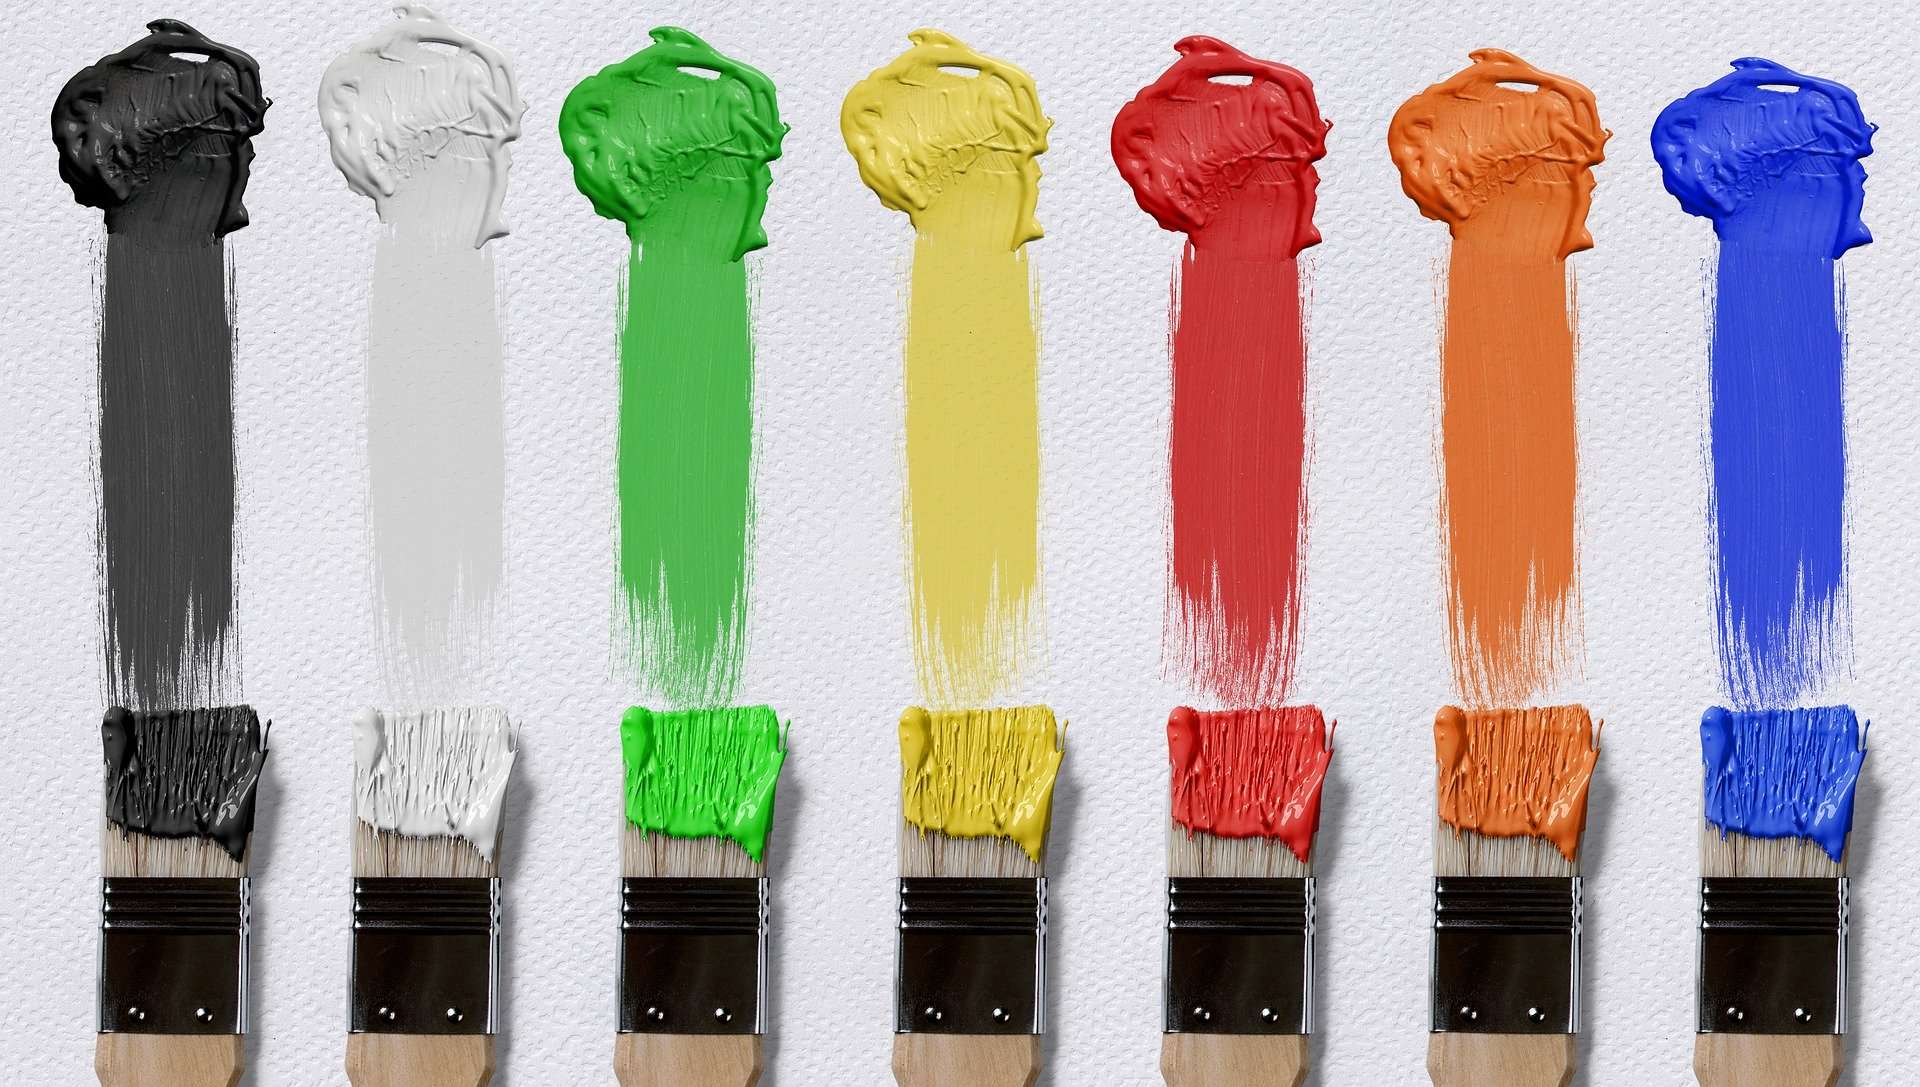 Pinsel mit verschiedenen Farbe auf einem weißen Hintergund